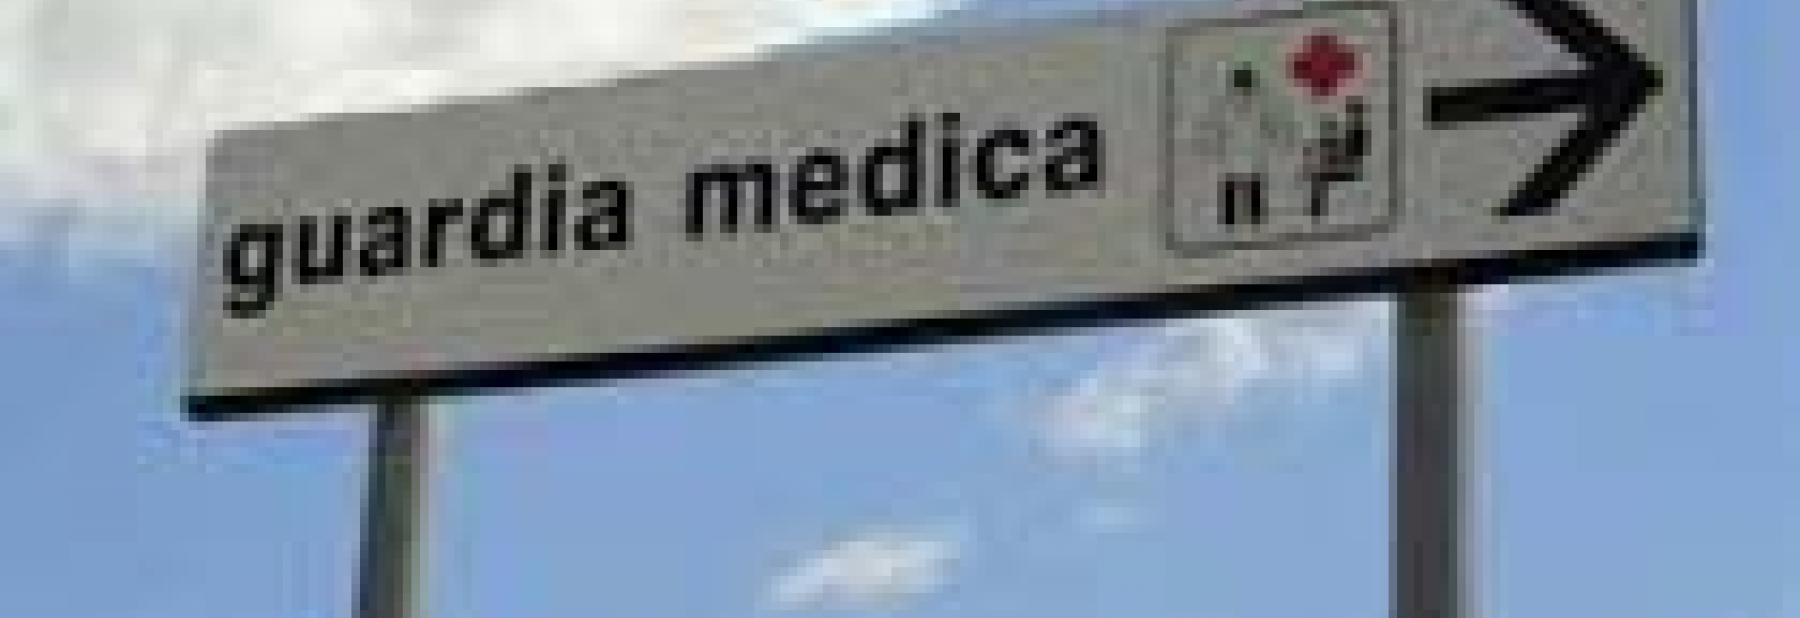 guardia_medica_5